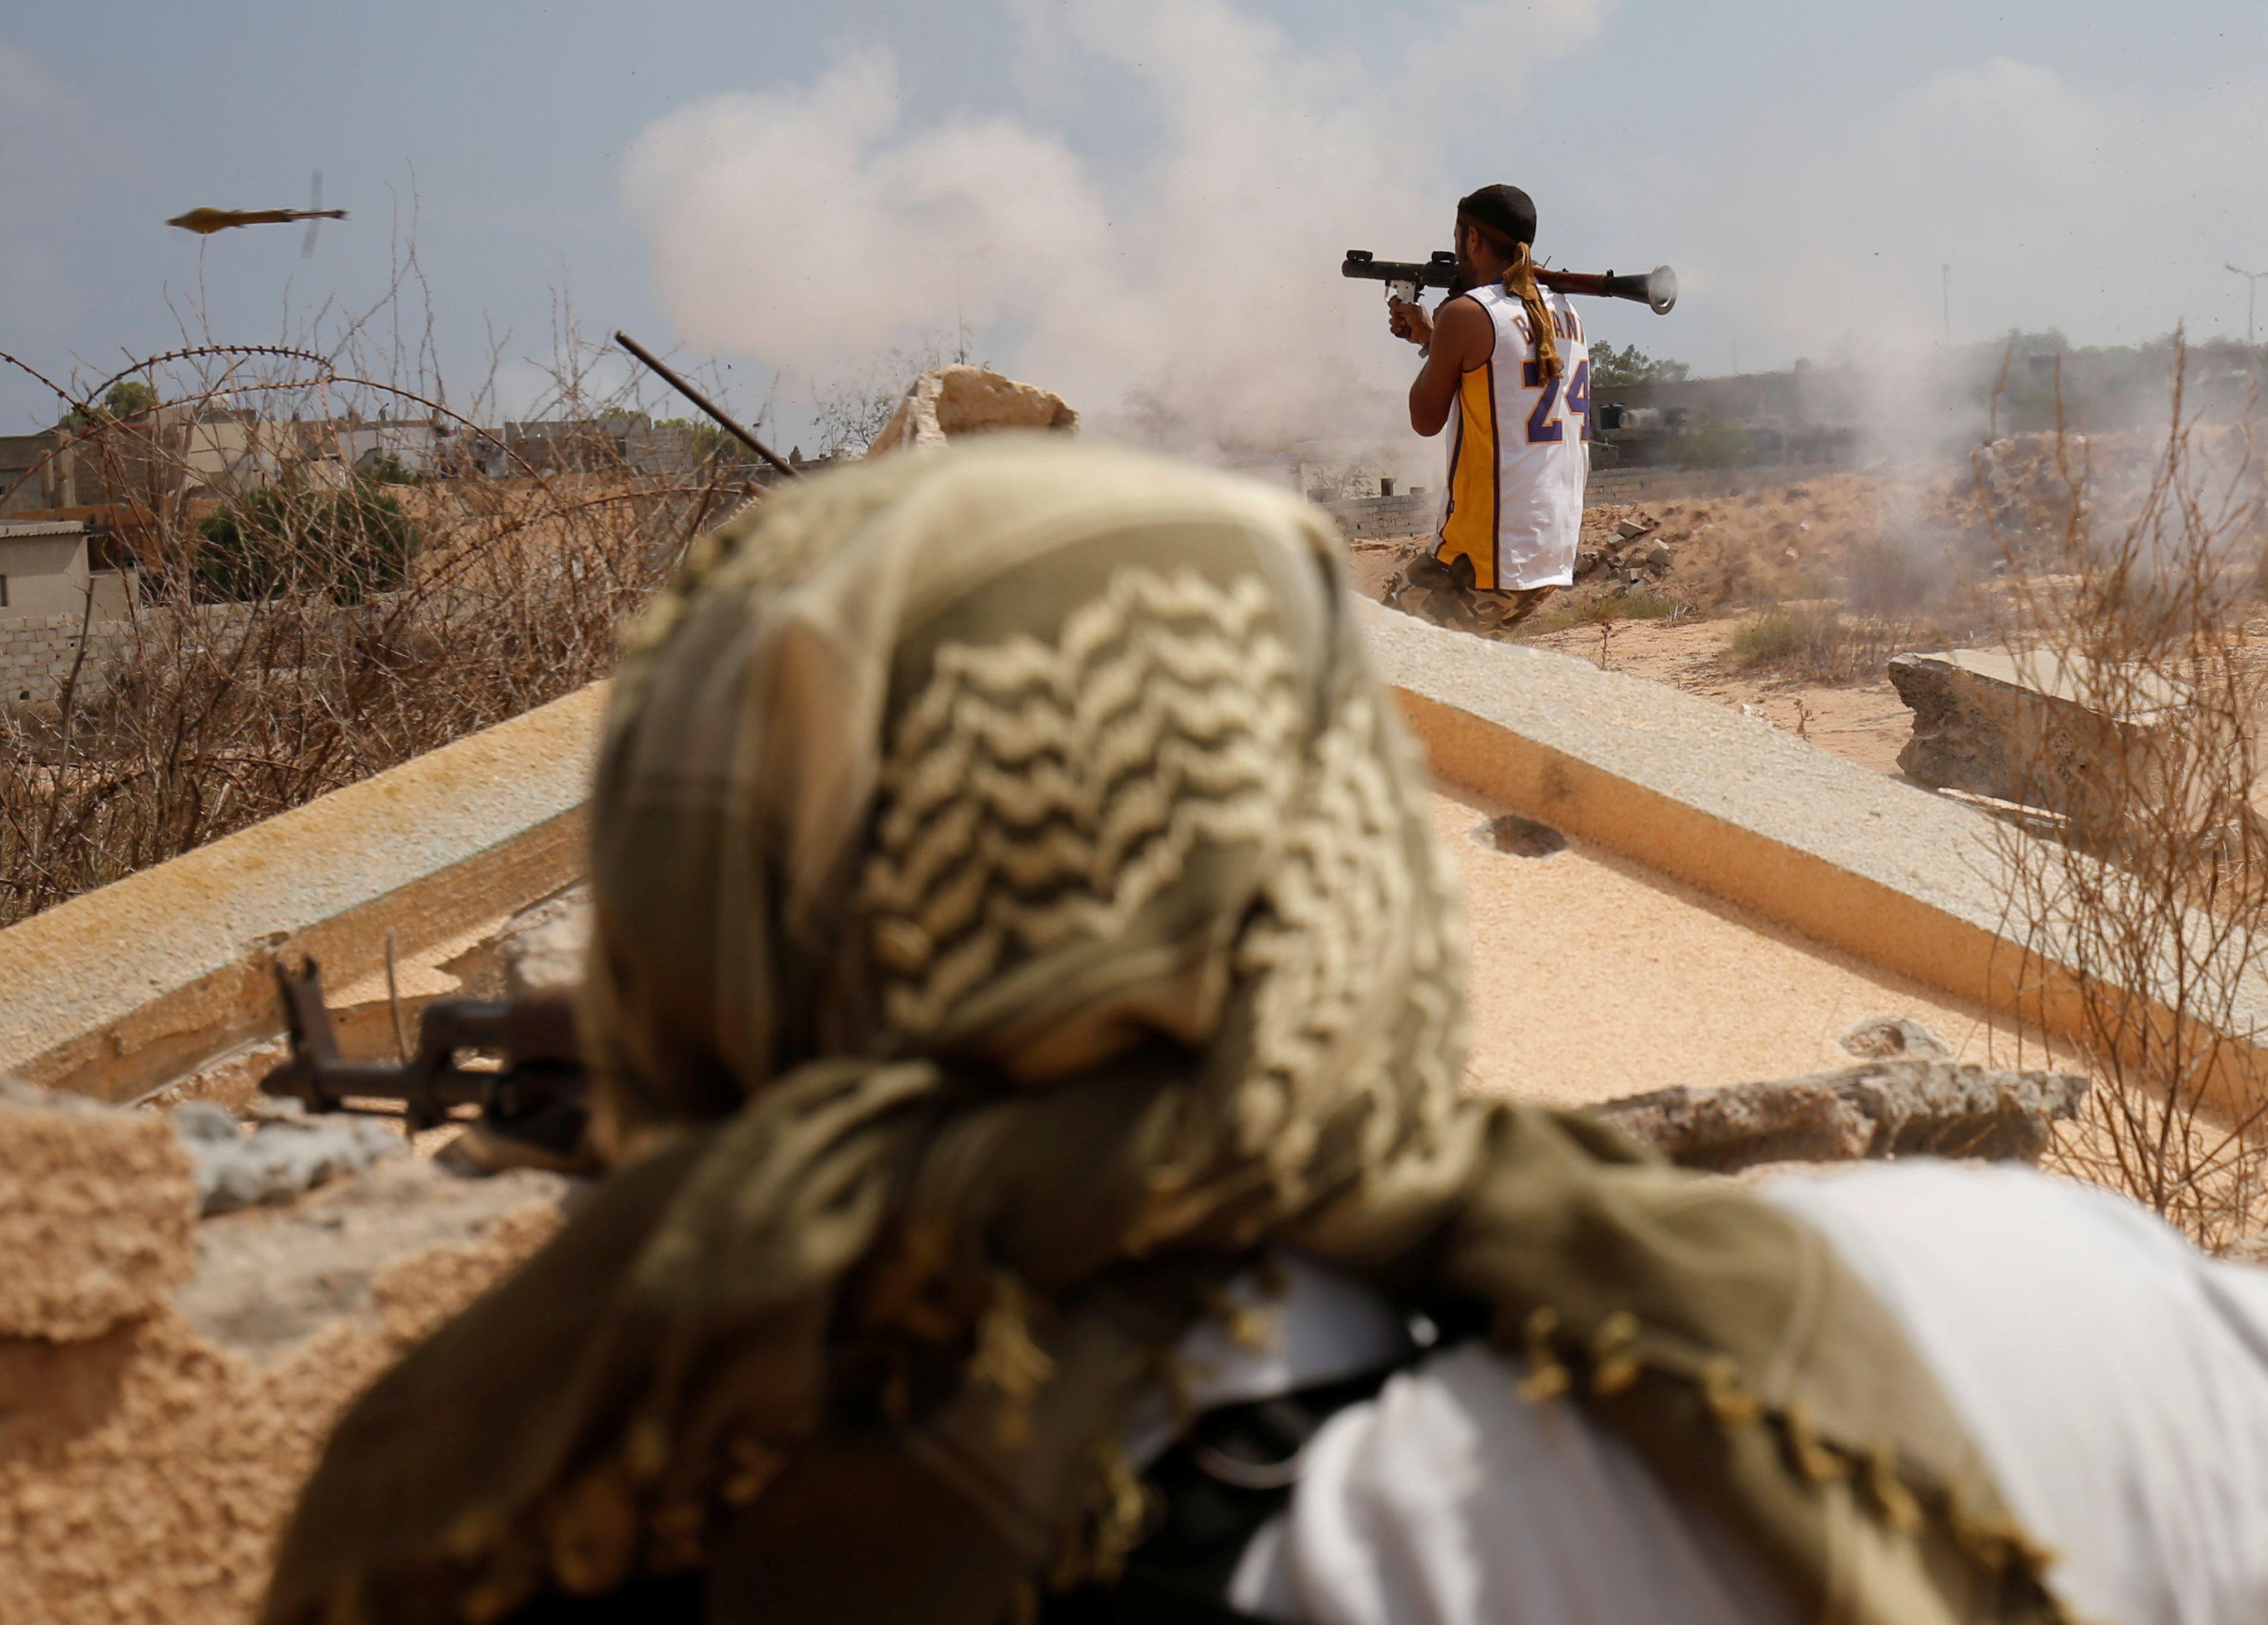 Des soldats libyens alliés aux forces de l'ONU durant une bataille avec l'Etat islamique en Libye, le 15 juillet 2016.